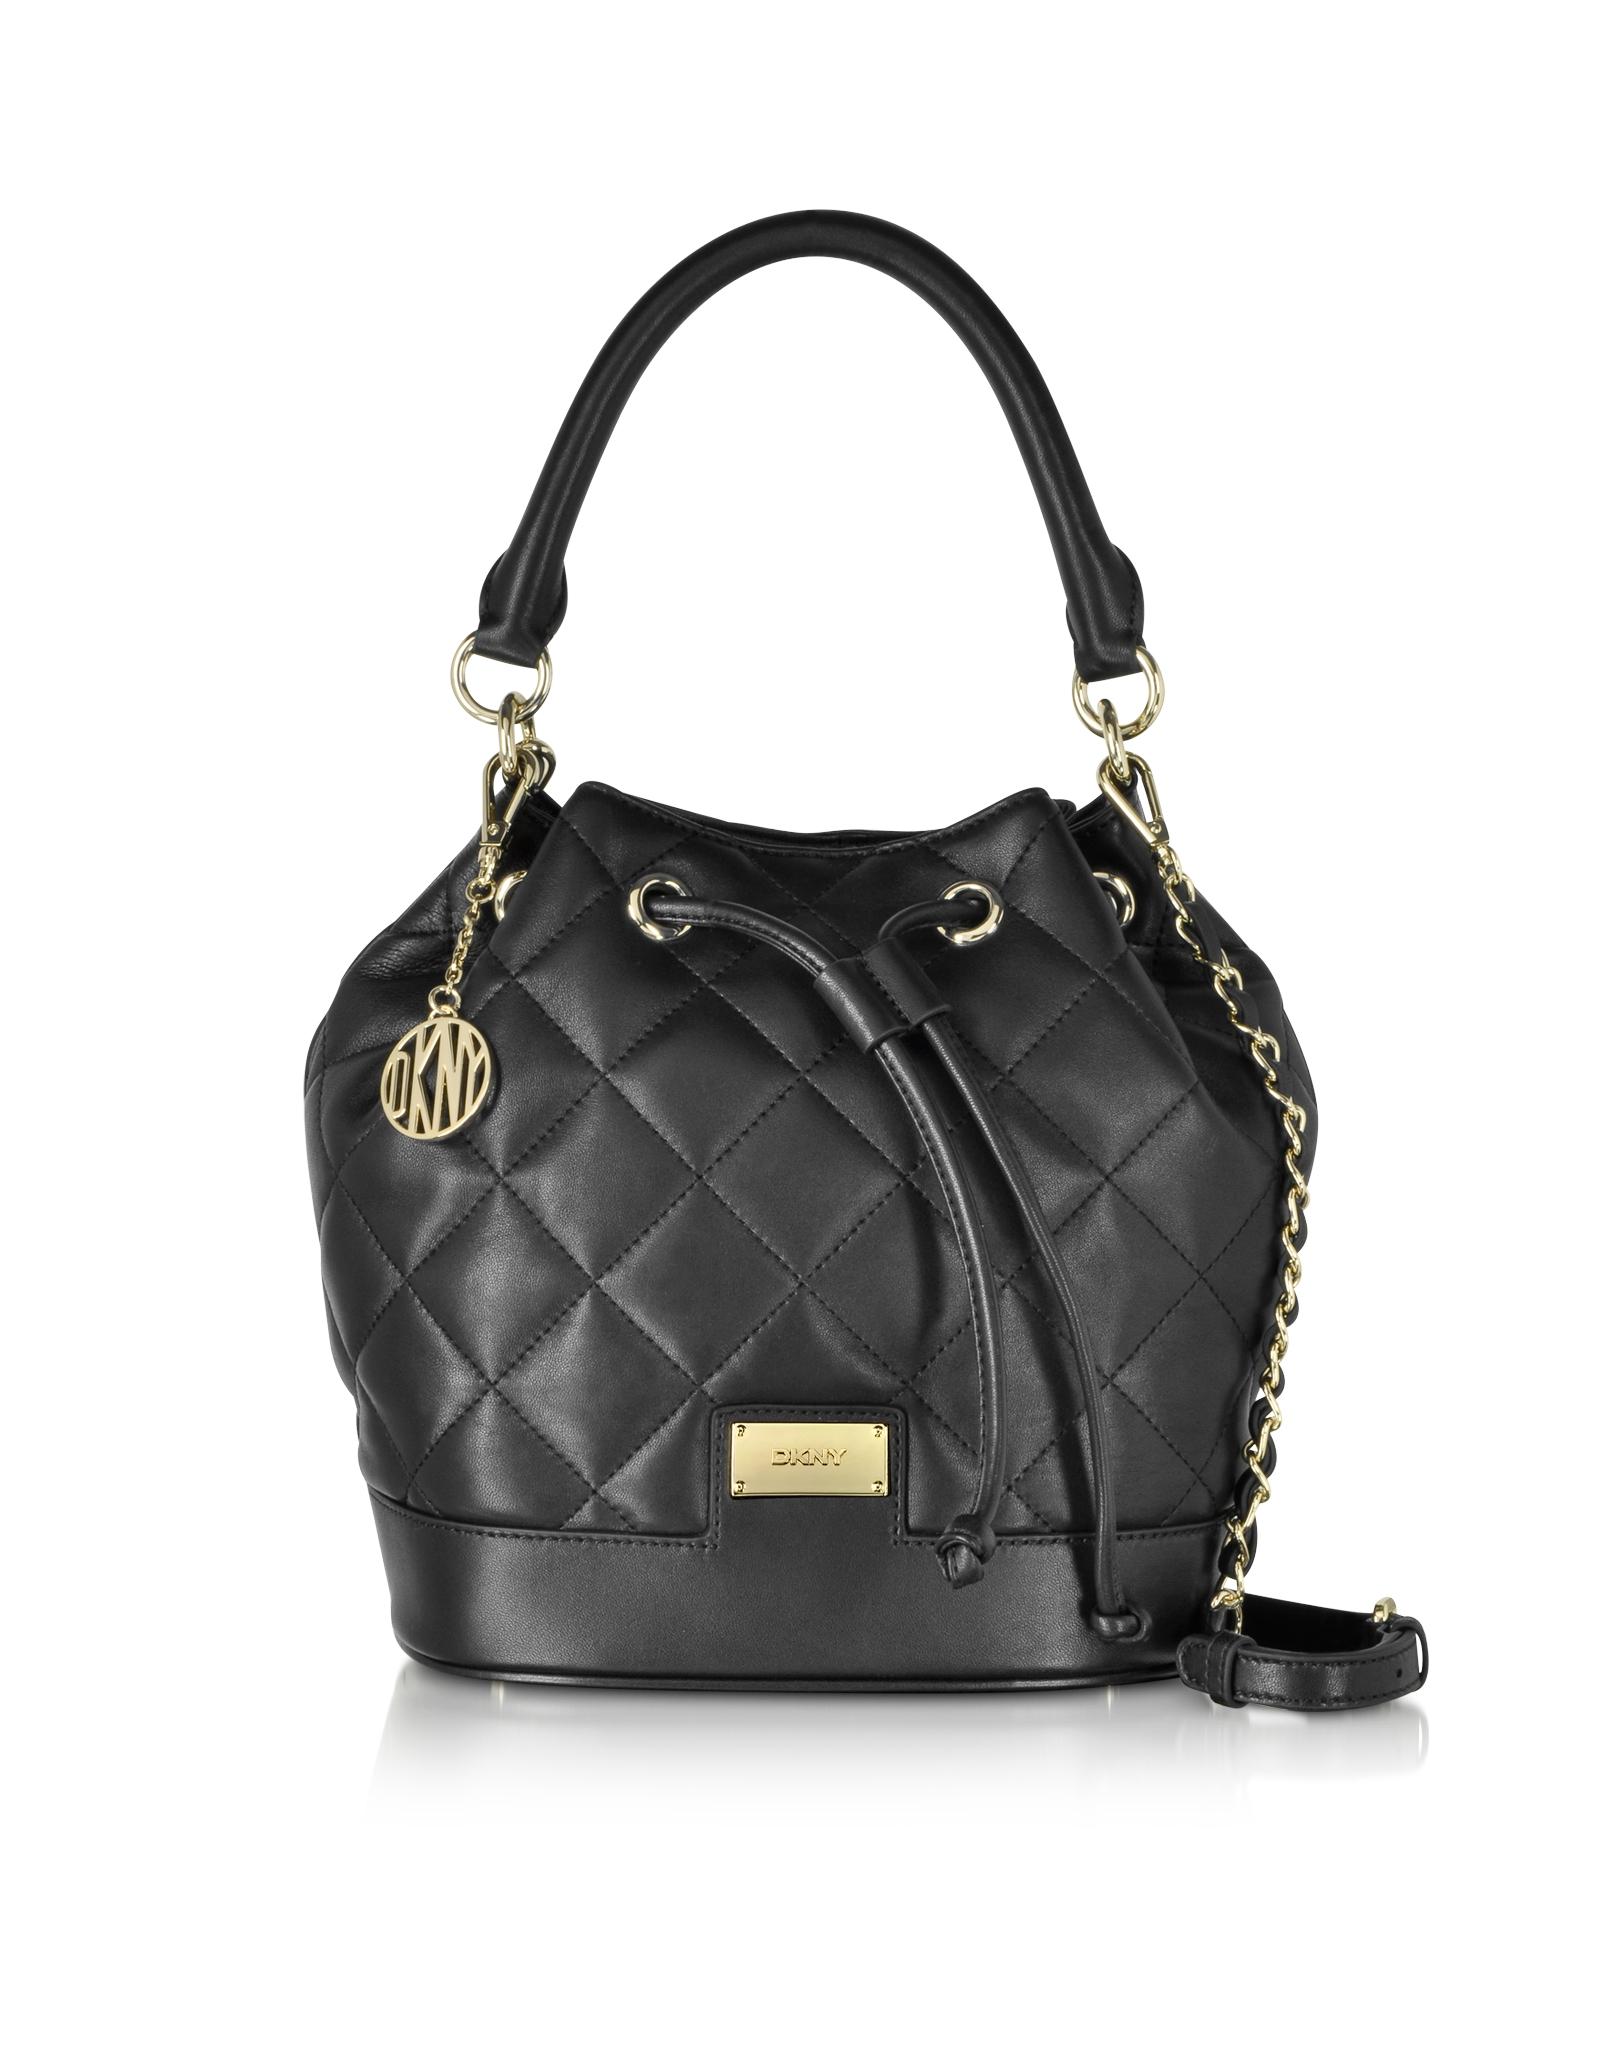 Dkny Gansevoort Black Quilted Nappa Bucket Bag in Black